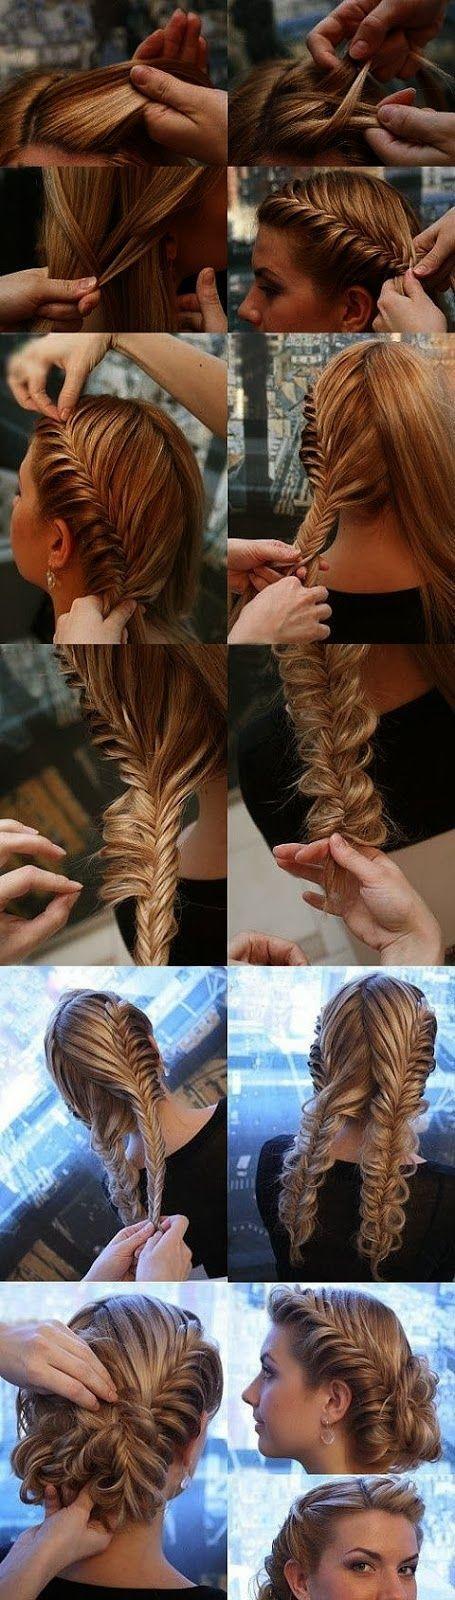 100 tutoriaux de coiffures faciles à faire soit même – Astuces de filles